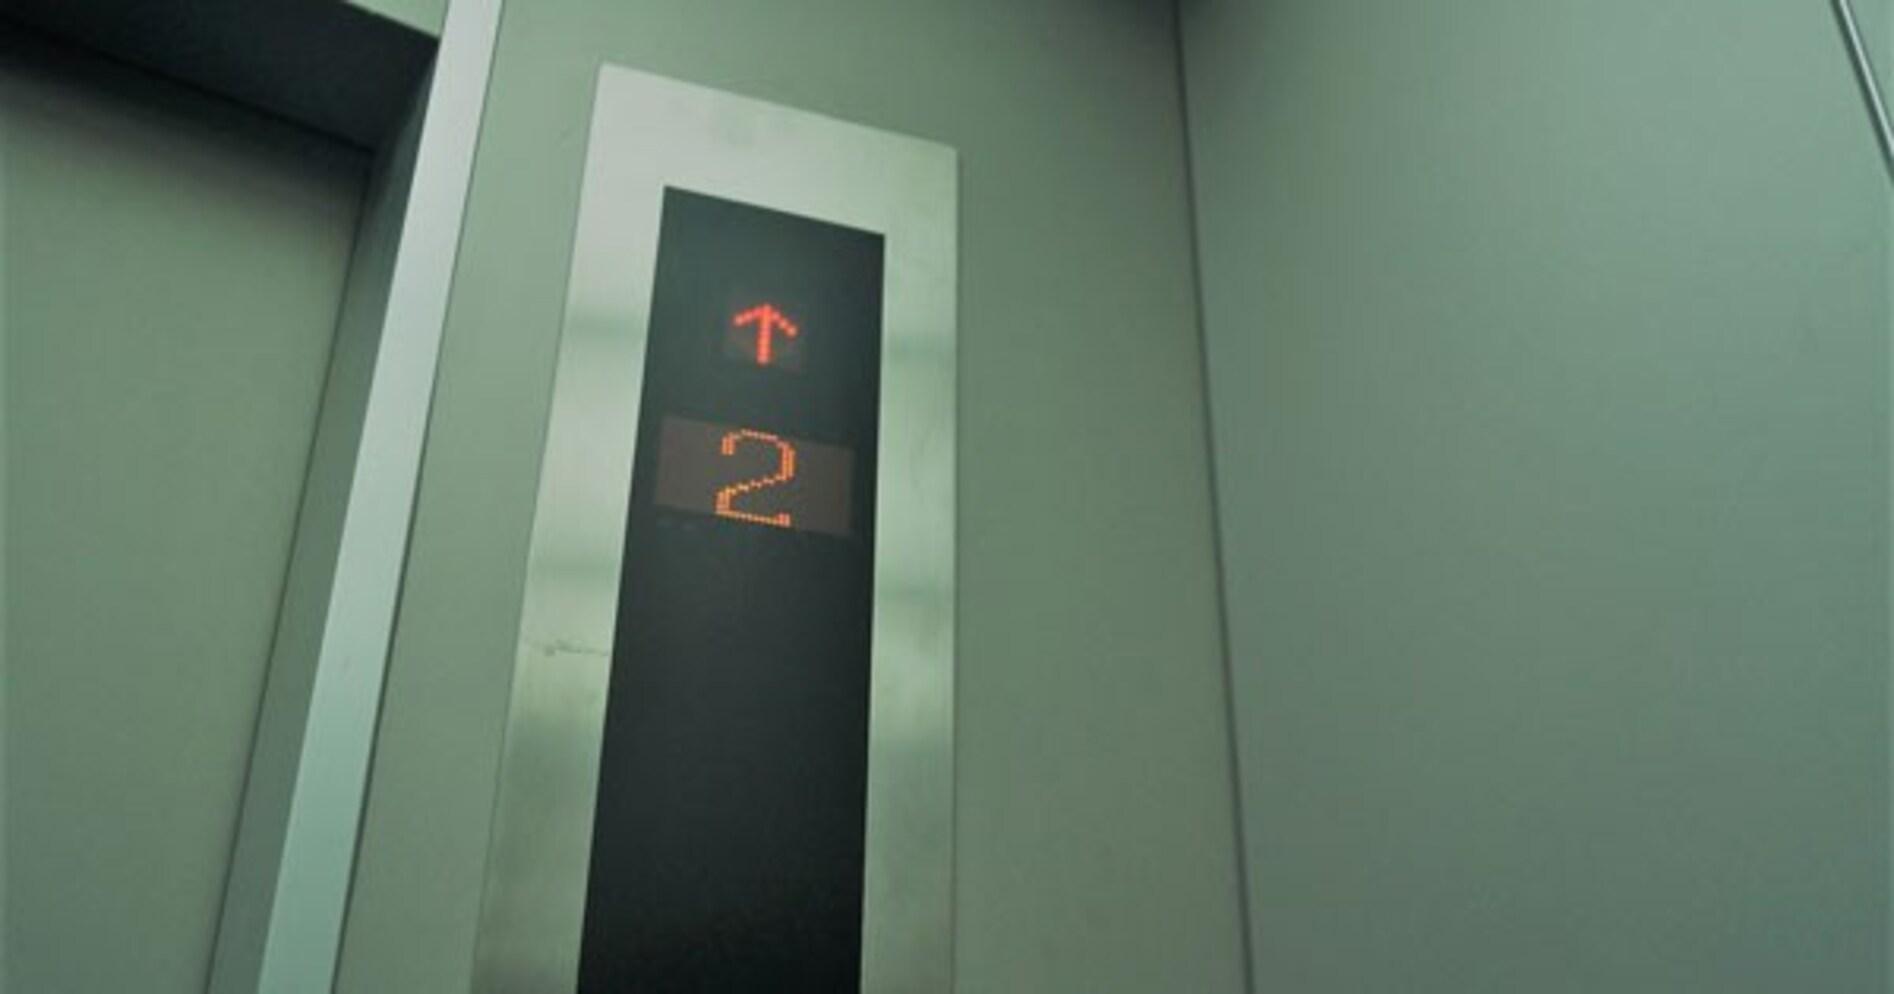 他人とエレベーターで2人きり… 「ついつい階数表示ランプを見ちゃう」理由とは?